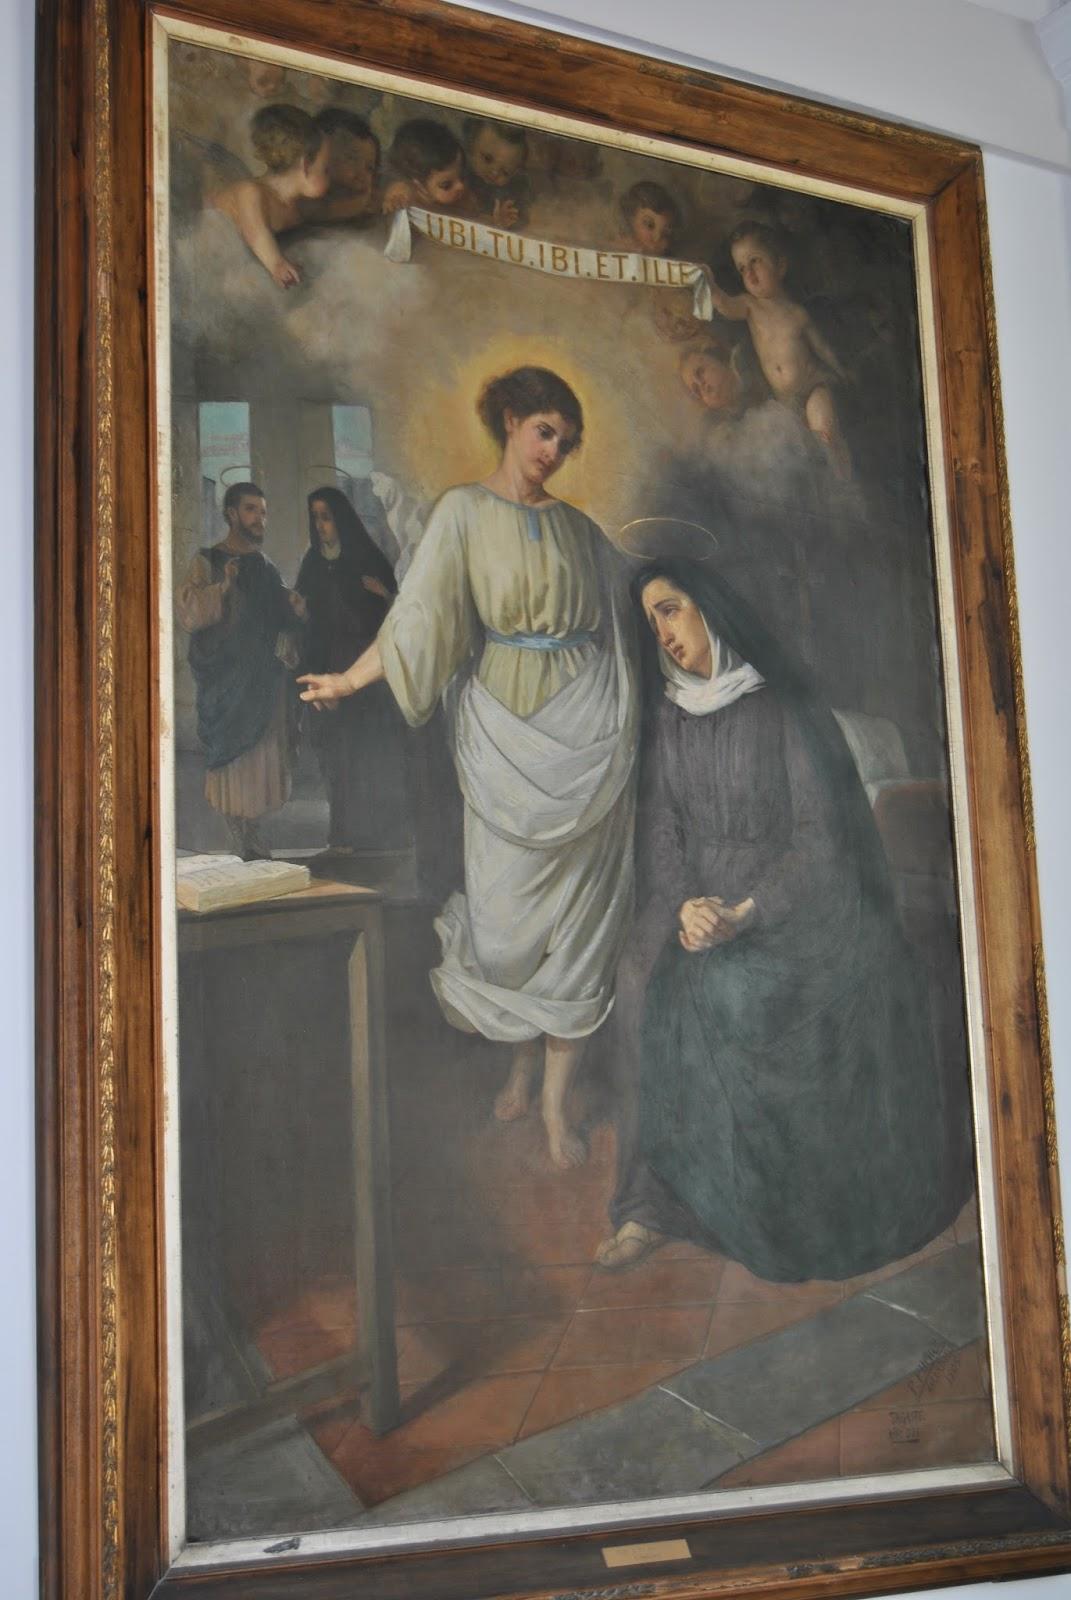 Arte en valladolid pintores vallisoletanos olvidados el pintor nazareno pablo puchol 1876 1919 - Pintores zaragoza ...